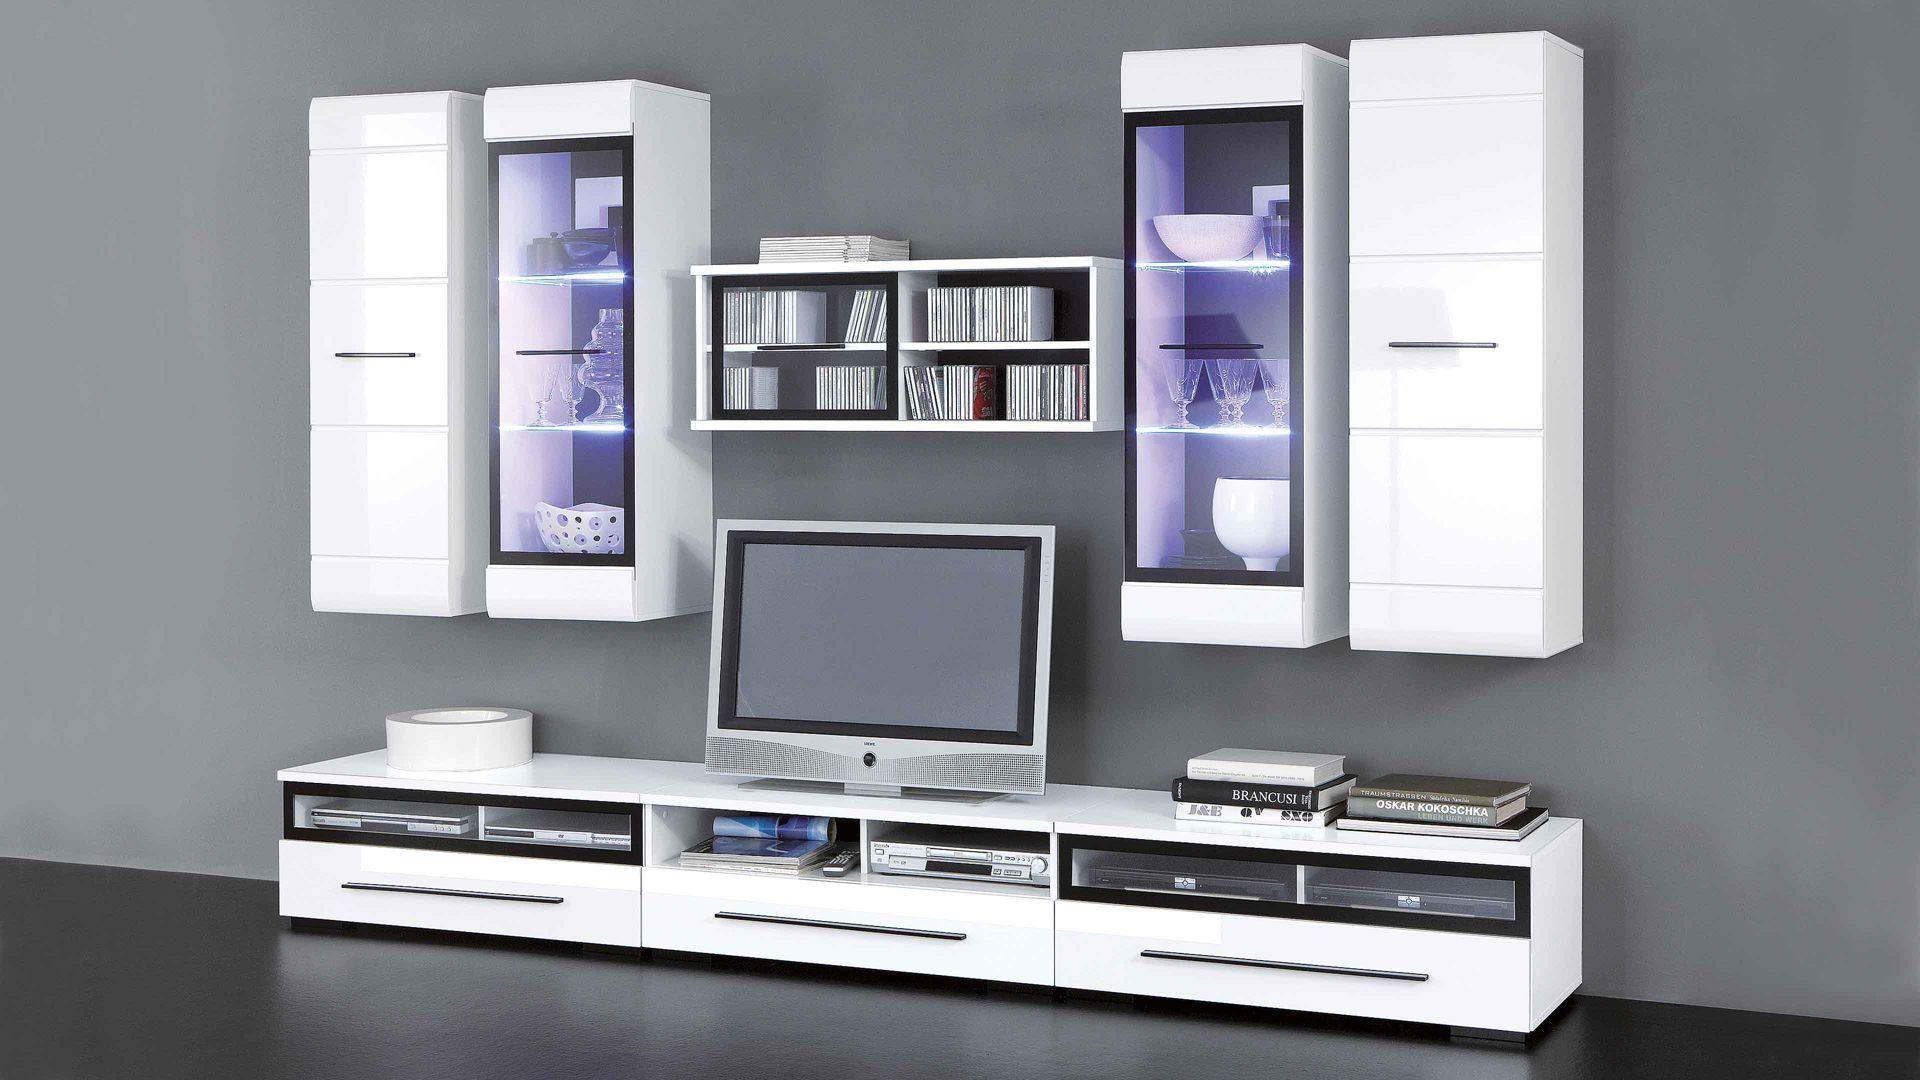 Mit Dieser Wohnwand Inclusive LED Beleuchtung Verleihen Sie Ihrem  Wohnzimmer Ein Ambiente Mit Klarer Linienführung